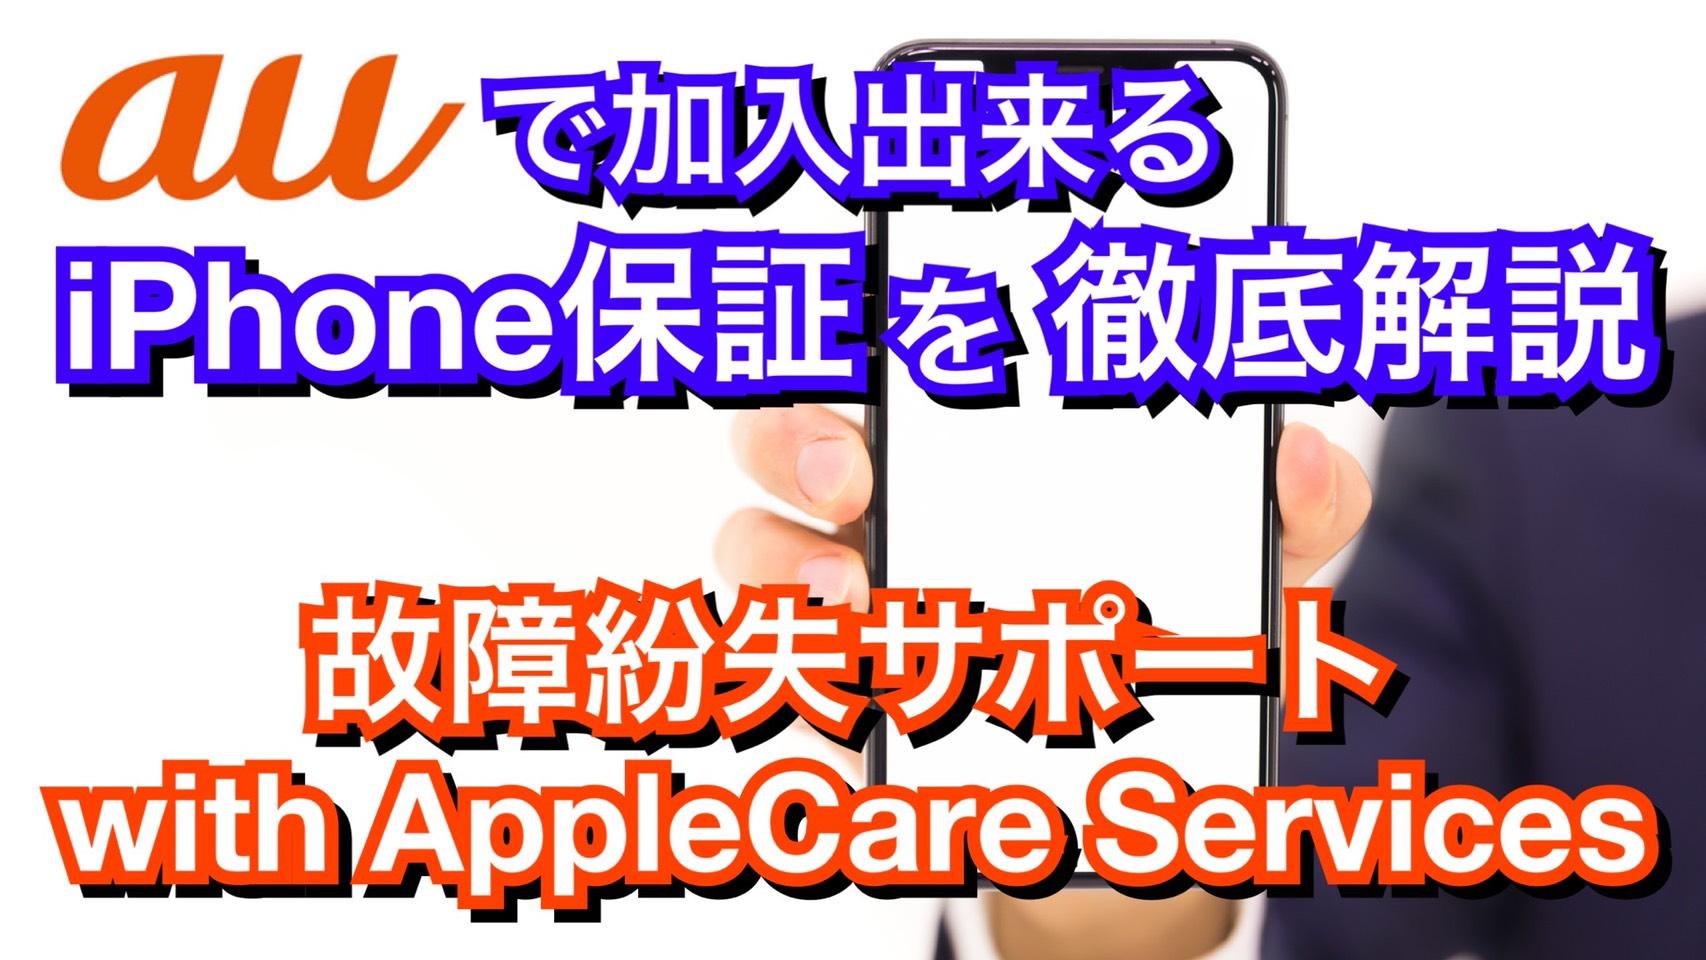 【解説】auのiPhone保証『故障紛失サポート with AppleCare Services』を徹底解説!